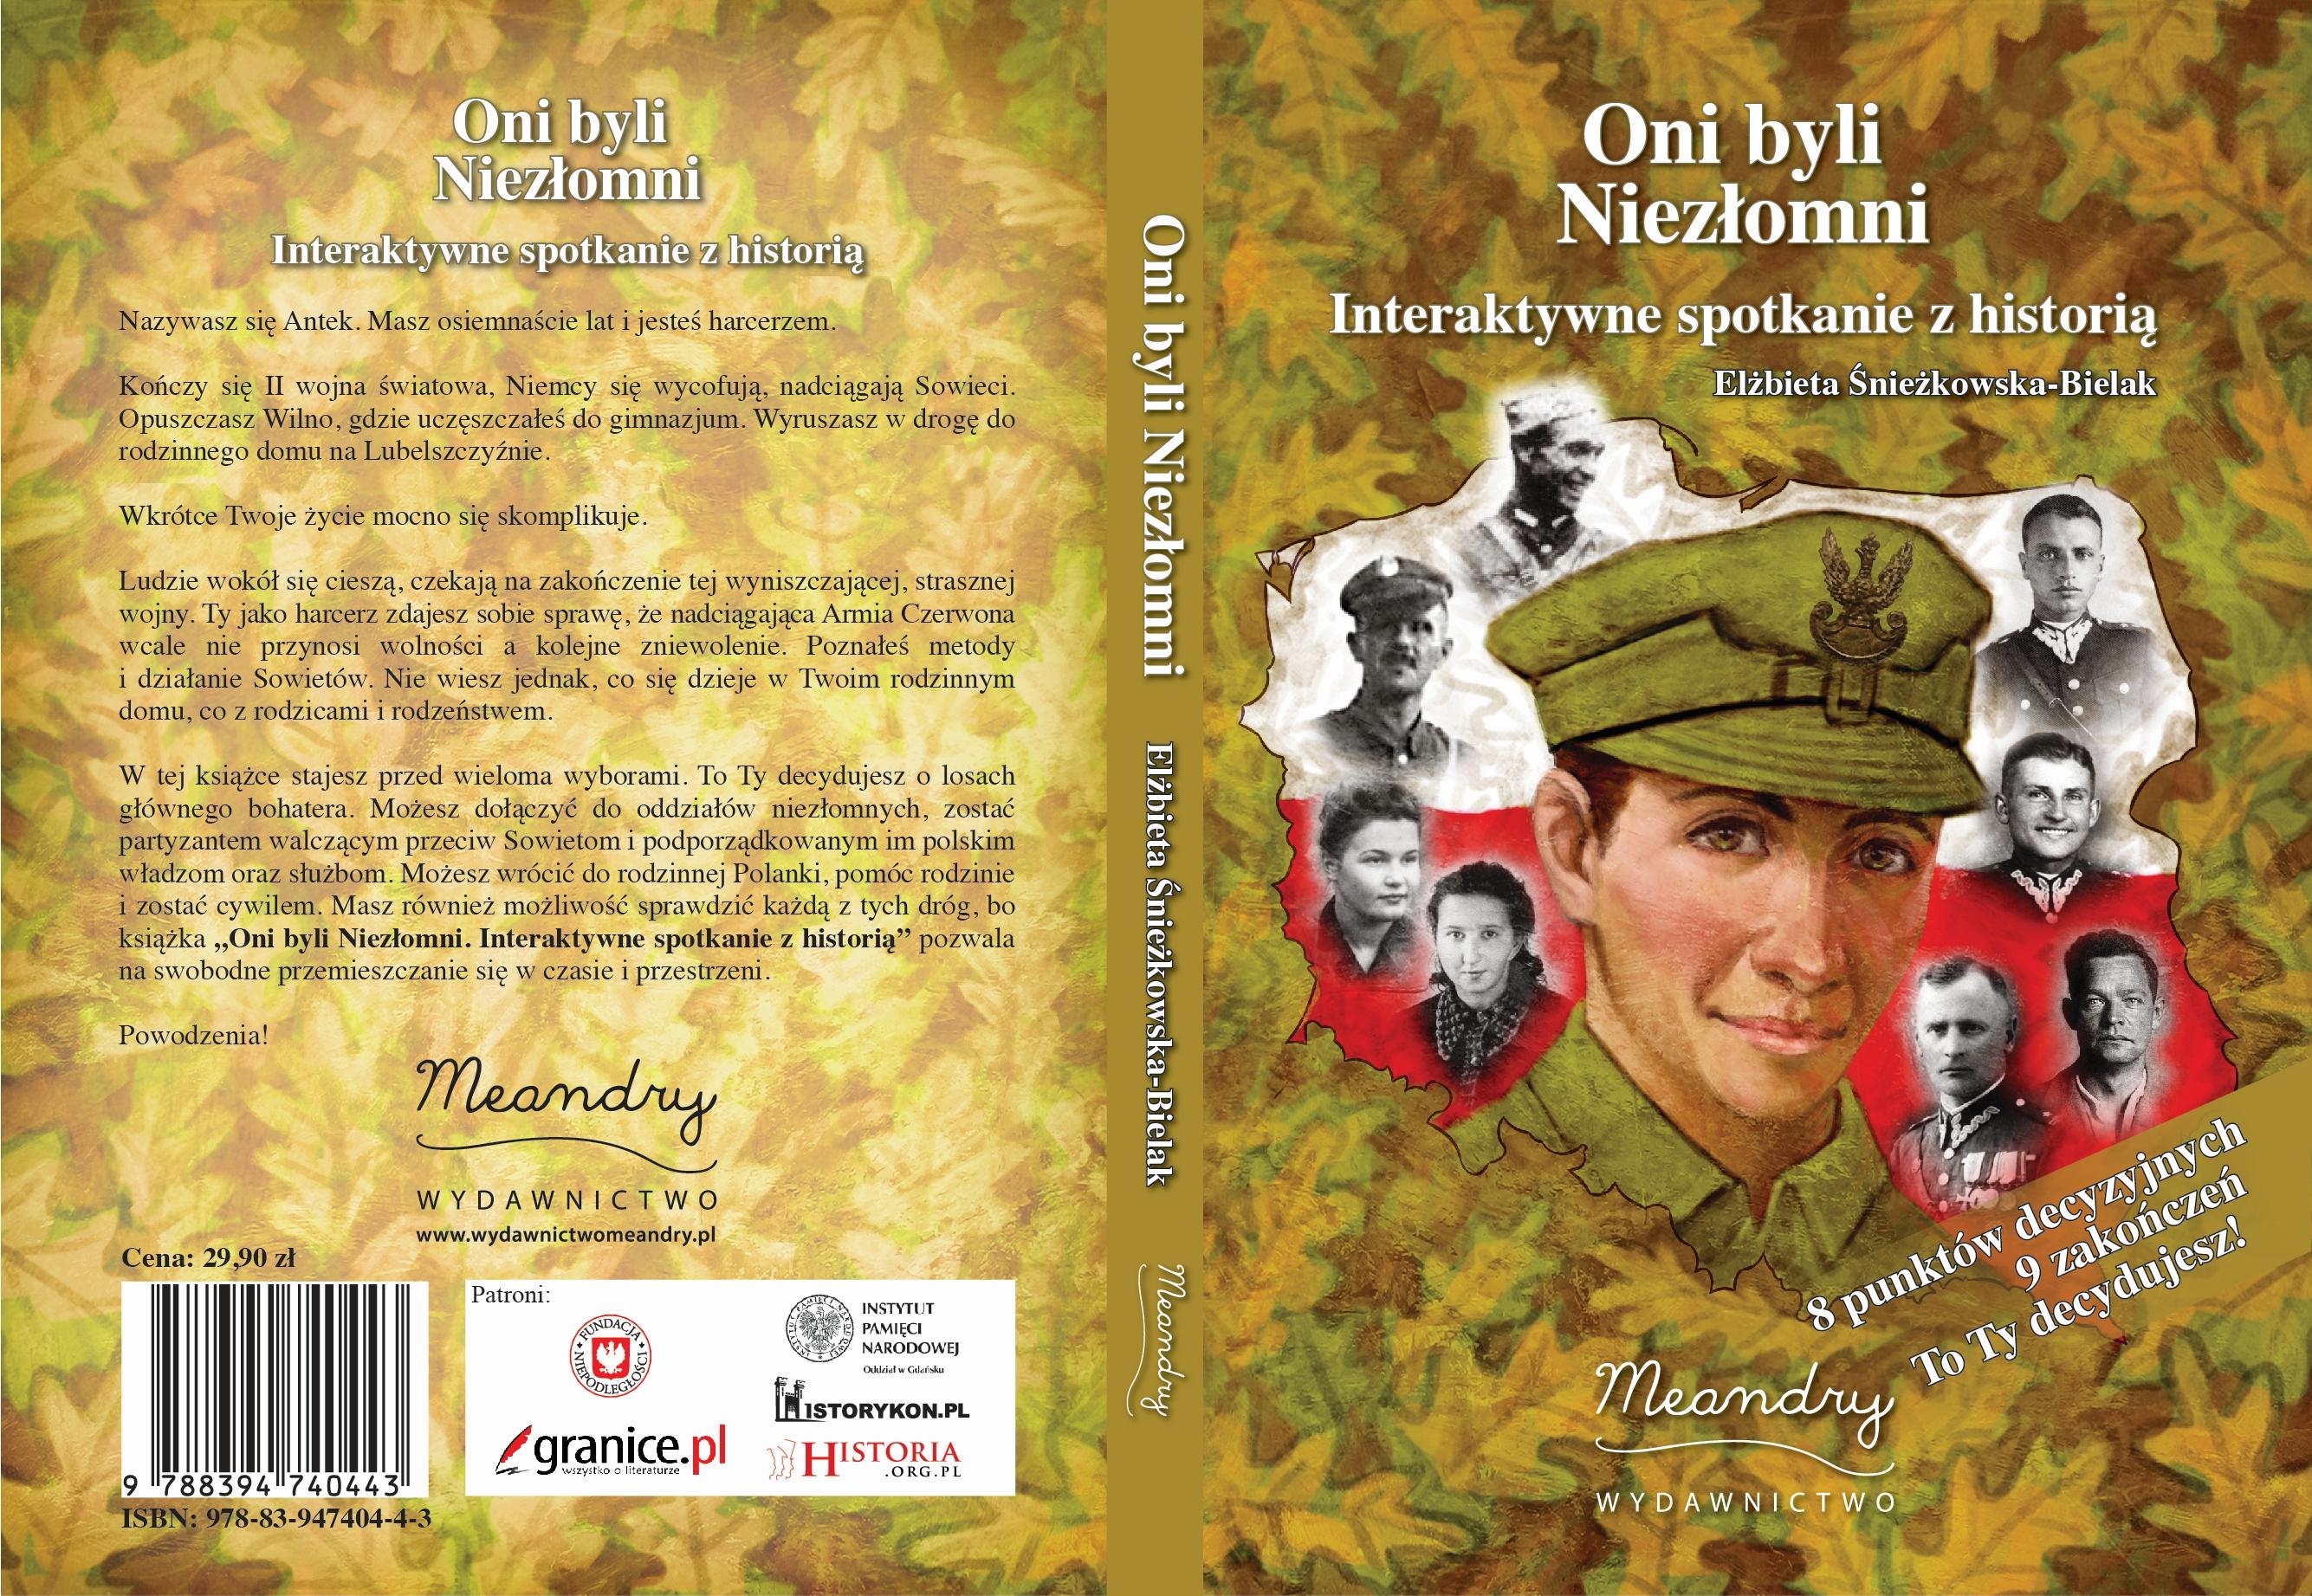 5f7e08318 Kończy się II wojna światowa, Niemcy się wycofują, nadciągają Sowieci.  Opuszczasz Wilno, gdzie uczęszczałeś do gimnazjum. Wyruszasz w drogę do  rodzinnego ...